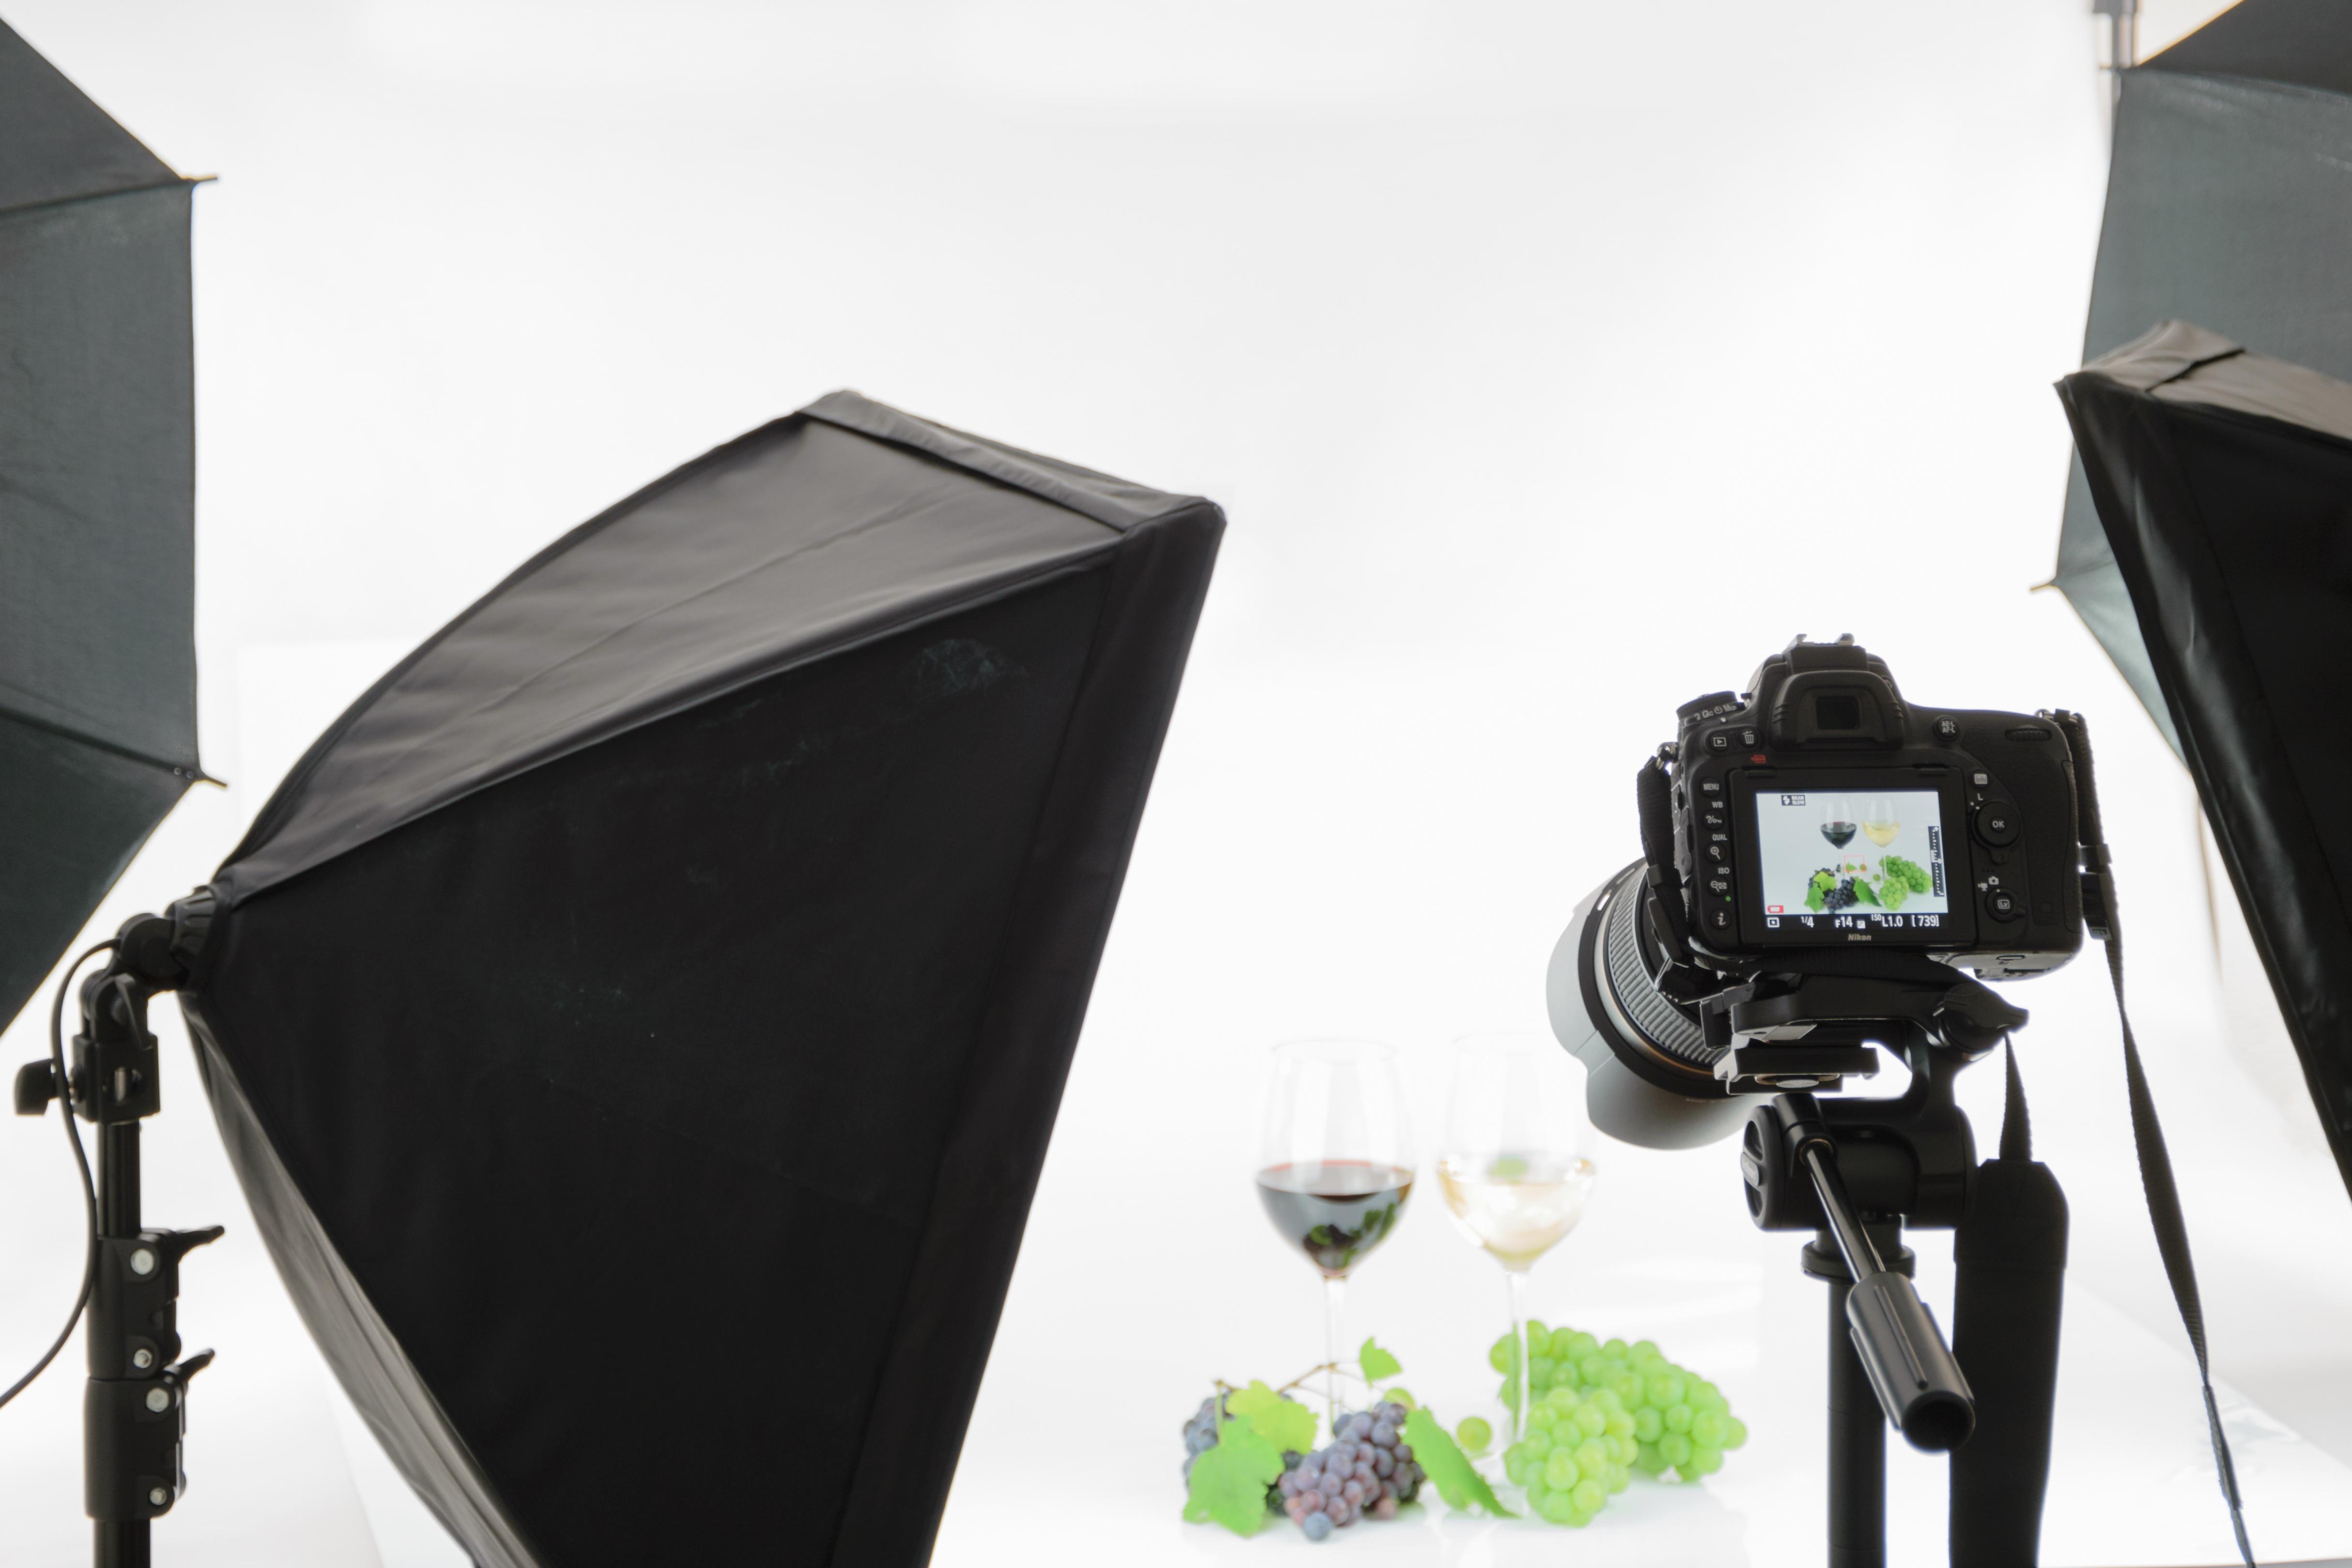 Fotos gratis : fotografía, fotógrafo, paraguas, negocio, Nikon ...